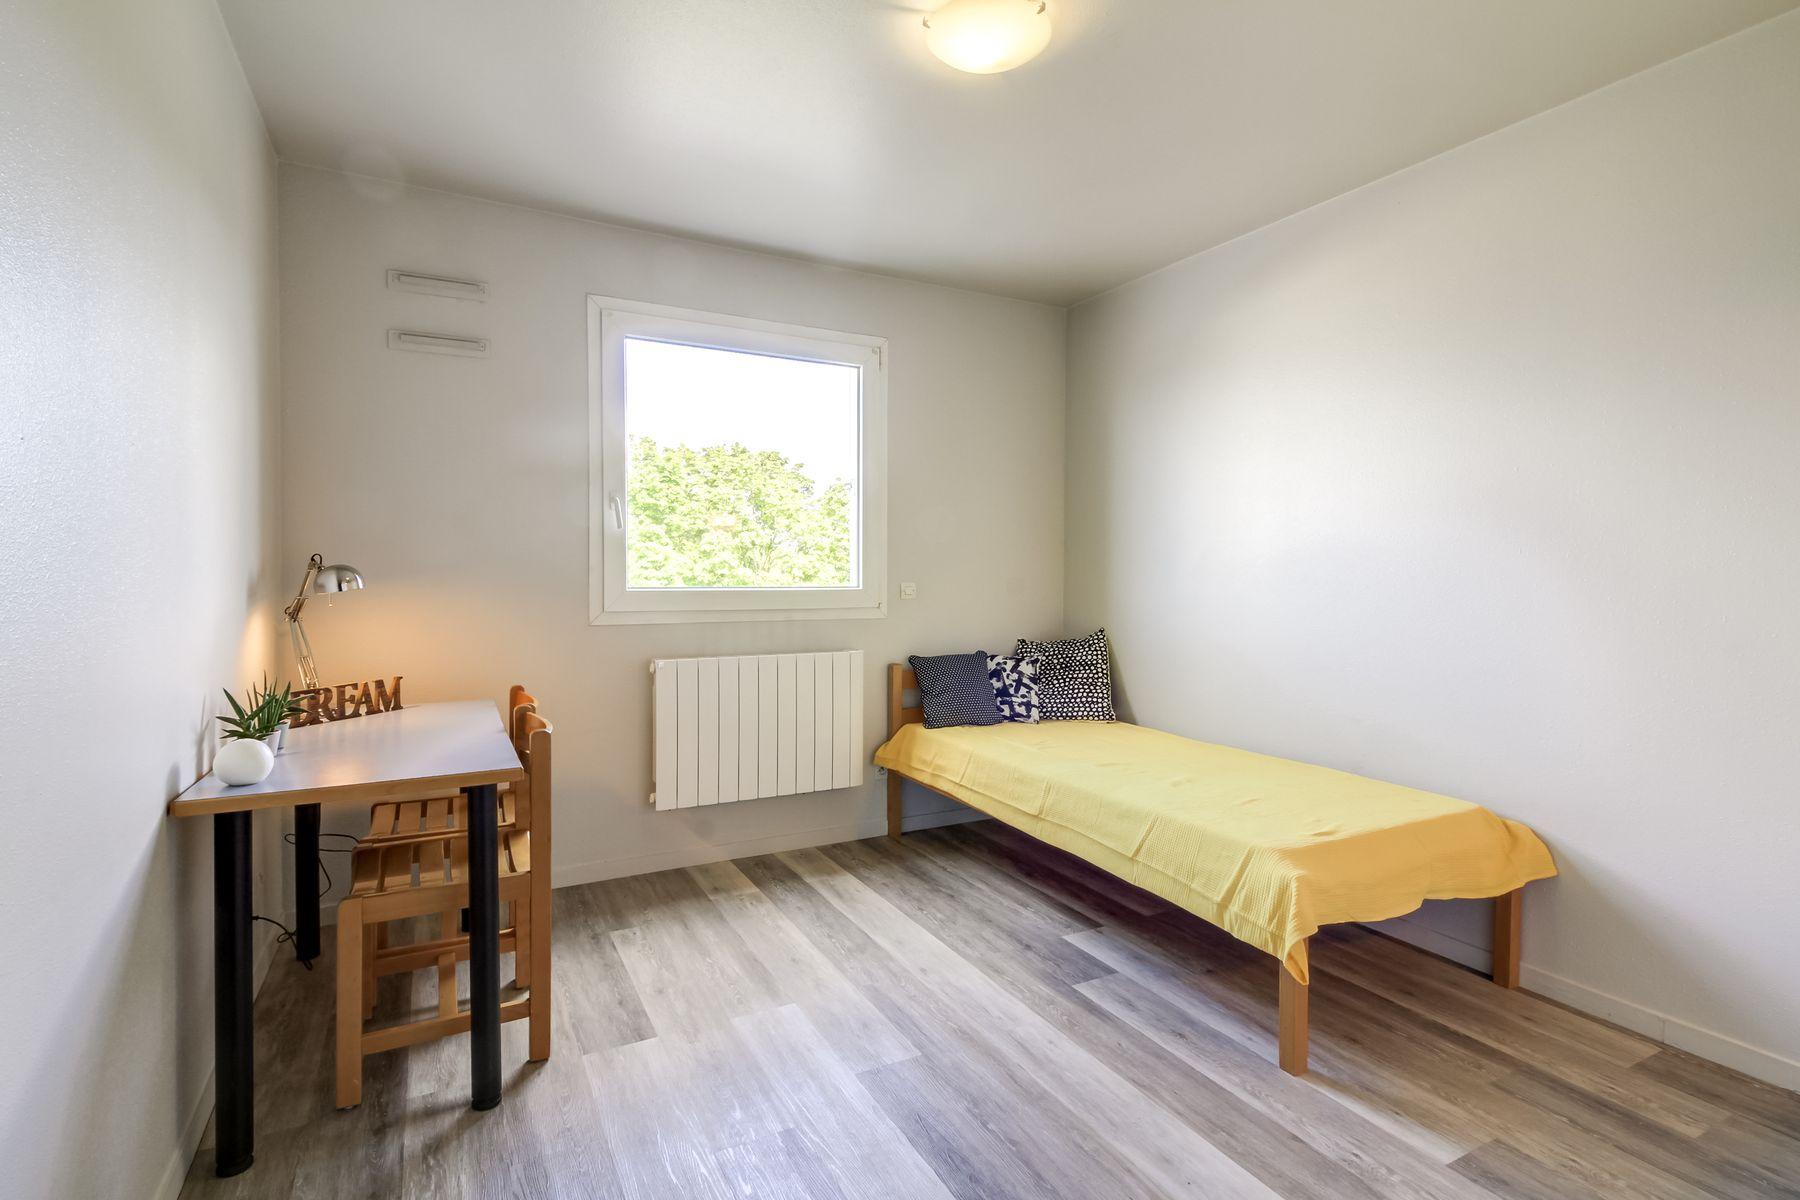 LOGIFAC résidence étudiante Saint-Exupéry Dijon studio